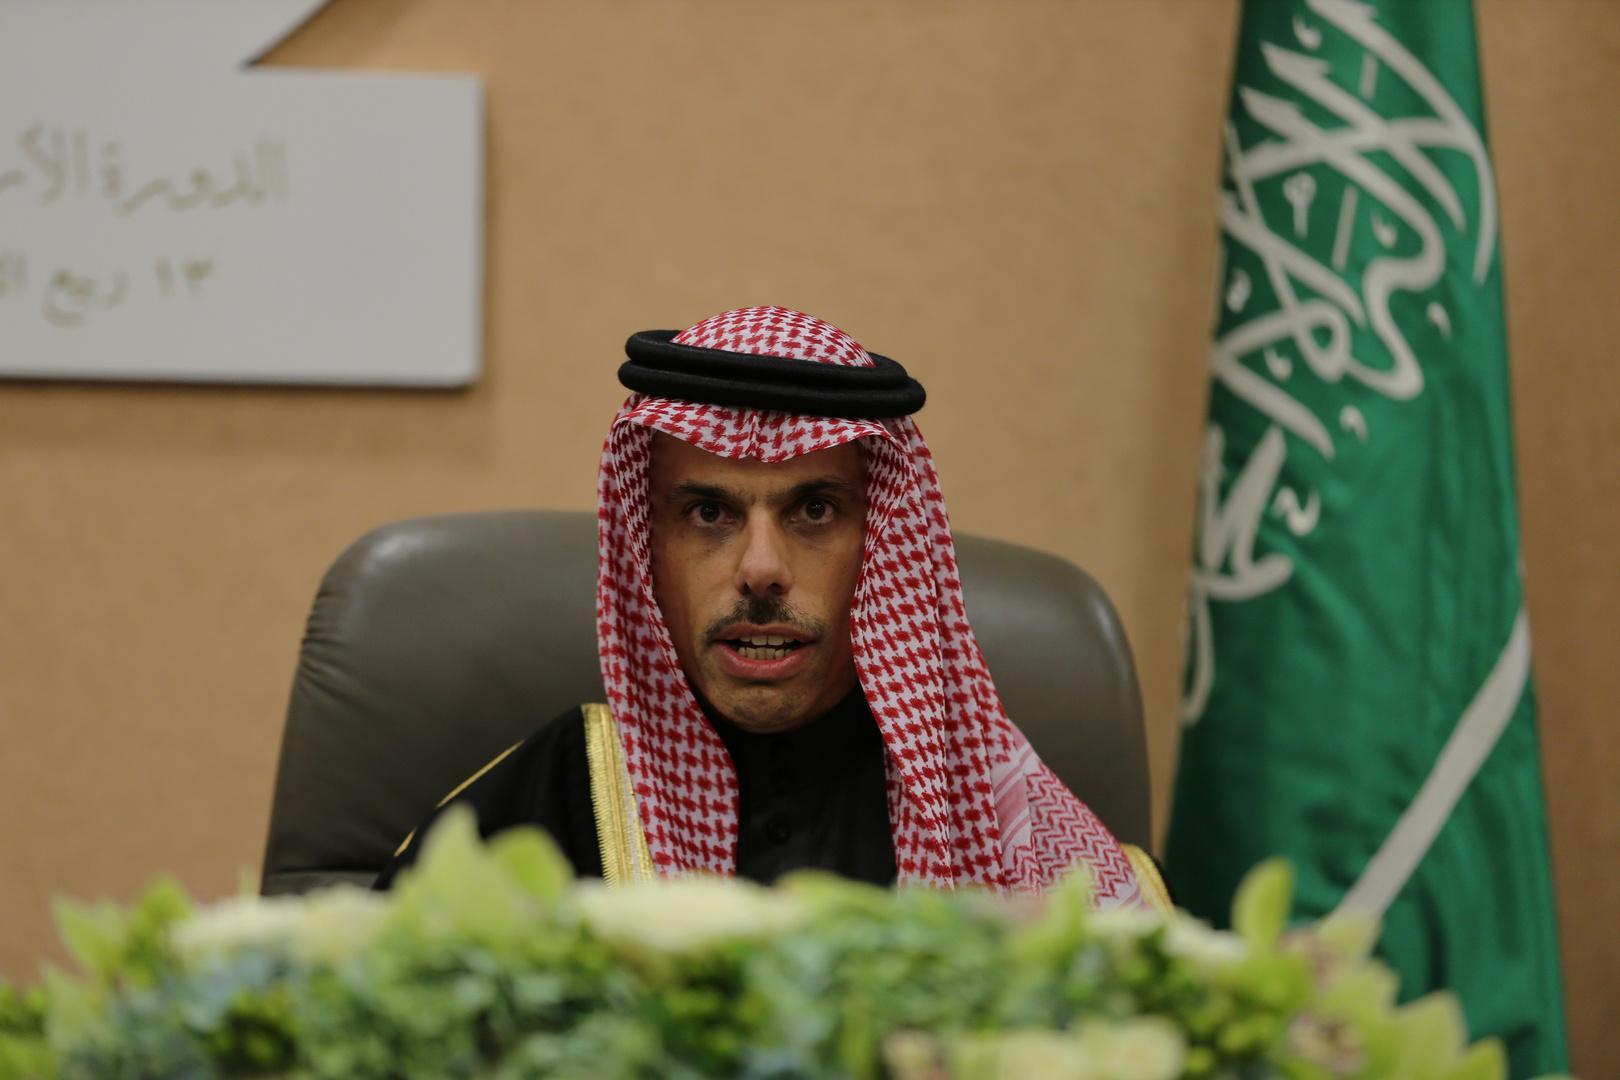 وزير الخارجية السعودي: الملك سلمان سيدعو إلى قمة لقادة الدول المطلة على البحر الأحمر